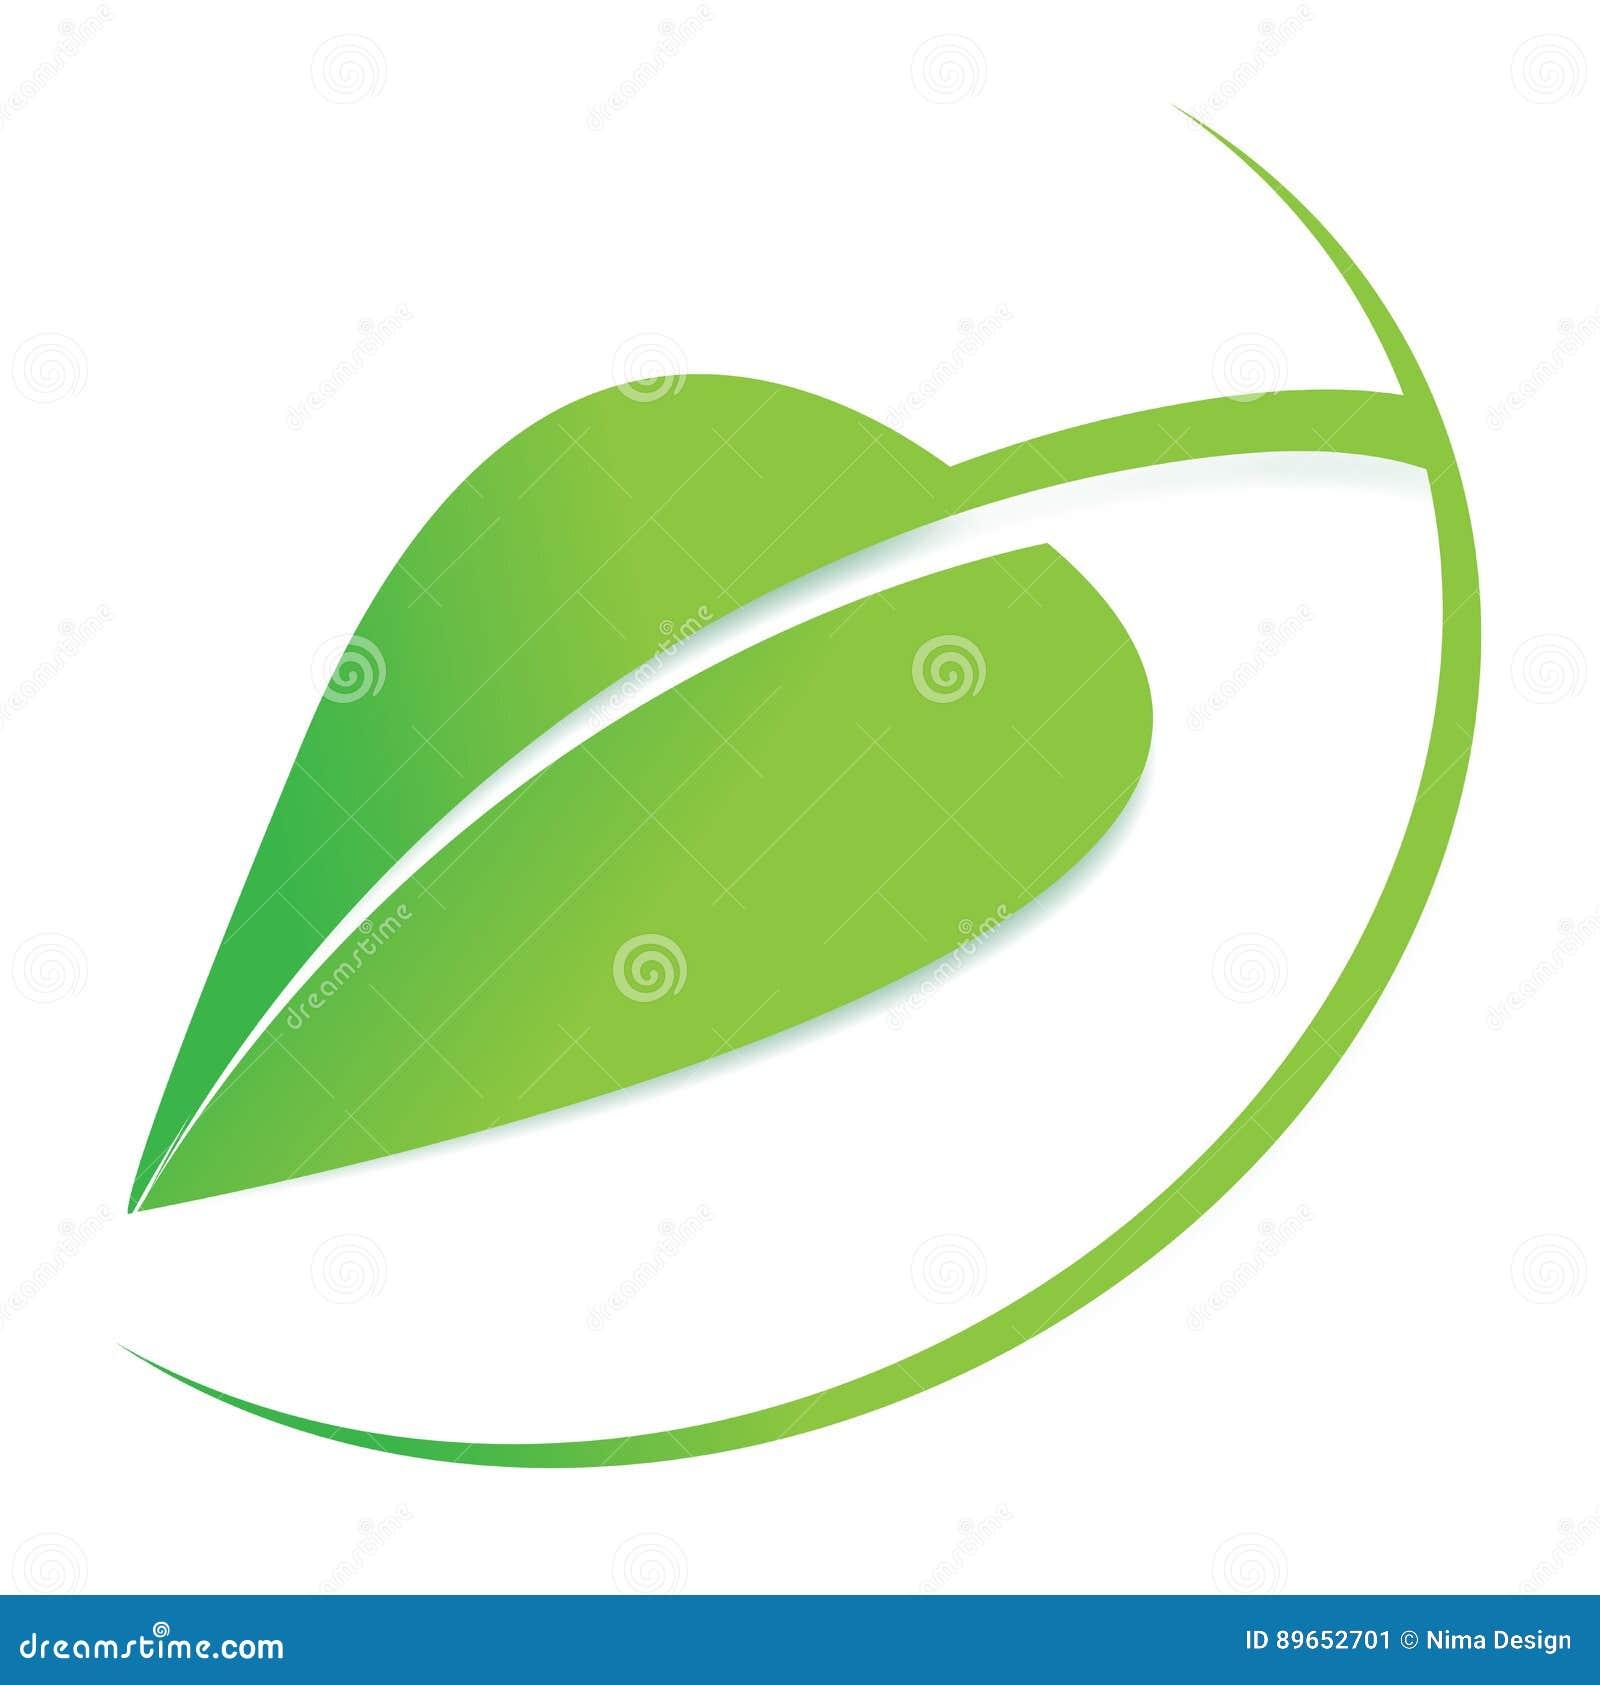 Vector el logotipo verde de la hoja, logotipo del negocio, símbolo orgánico, icono natural, diseño gráfico editable